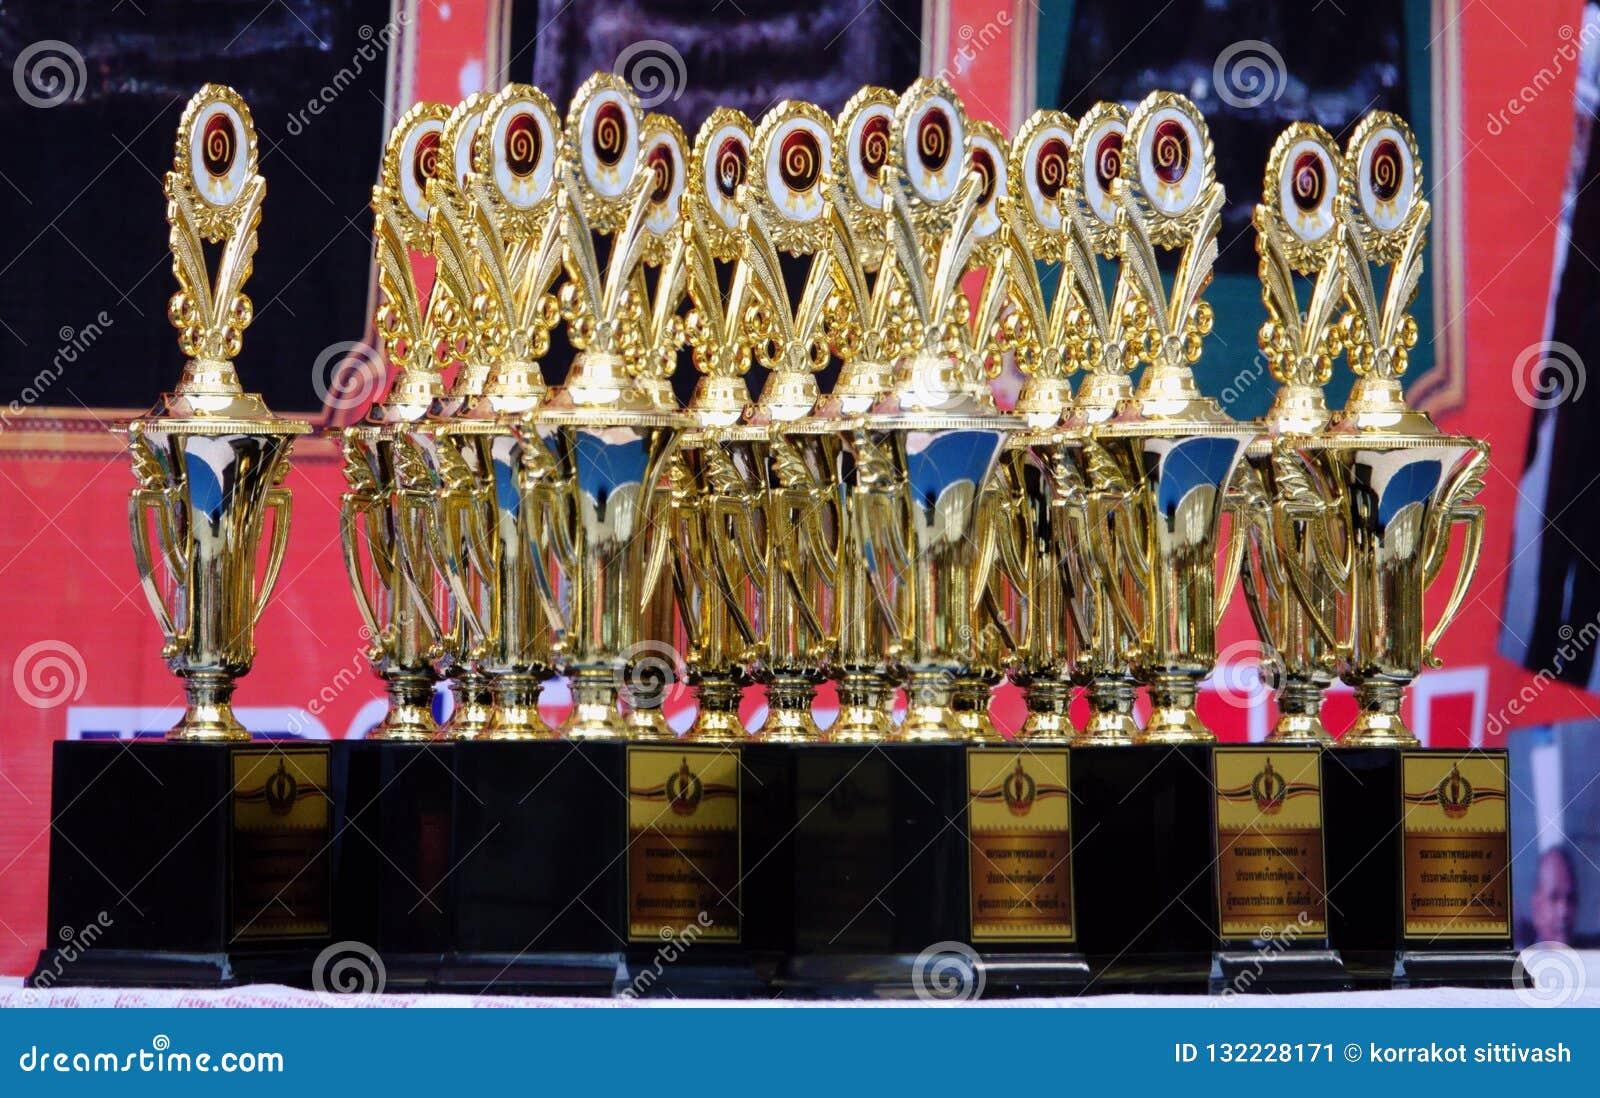 18-Νοέμβριος-2018 LATKABANG ΤΑΪΛΑΝΔΗ χρυσό τρόπαιο Προετοιμαστείτε για το ταλαντούχο πρόσωπο και κερδίστε την εργασία